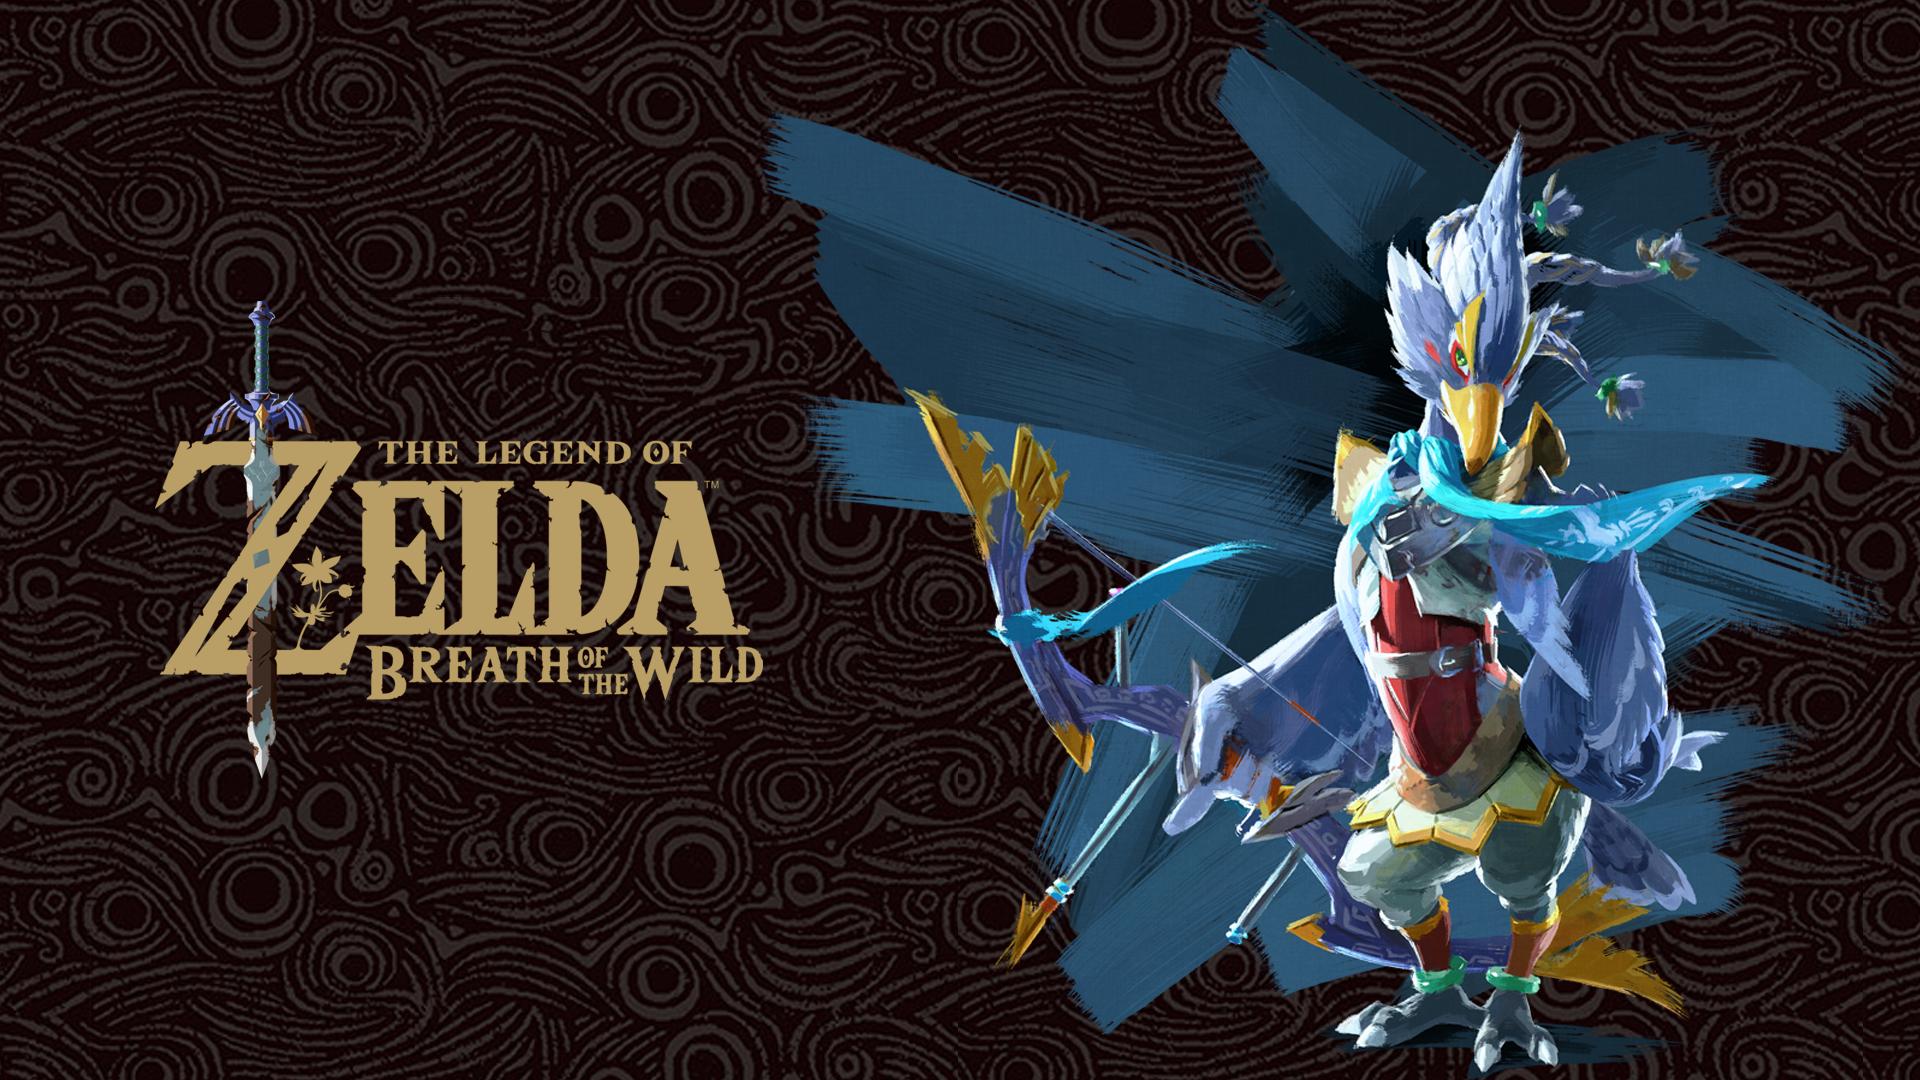 Revali The Legend Of Zelda The Legend Of Zelda Breath Of The Wild 1920x1080